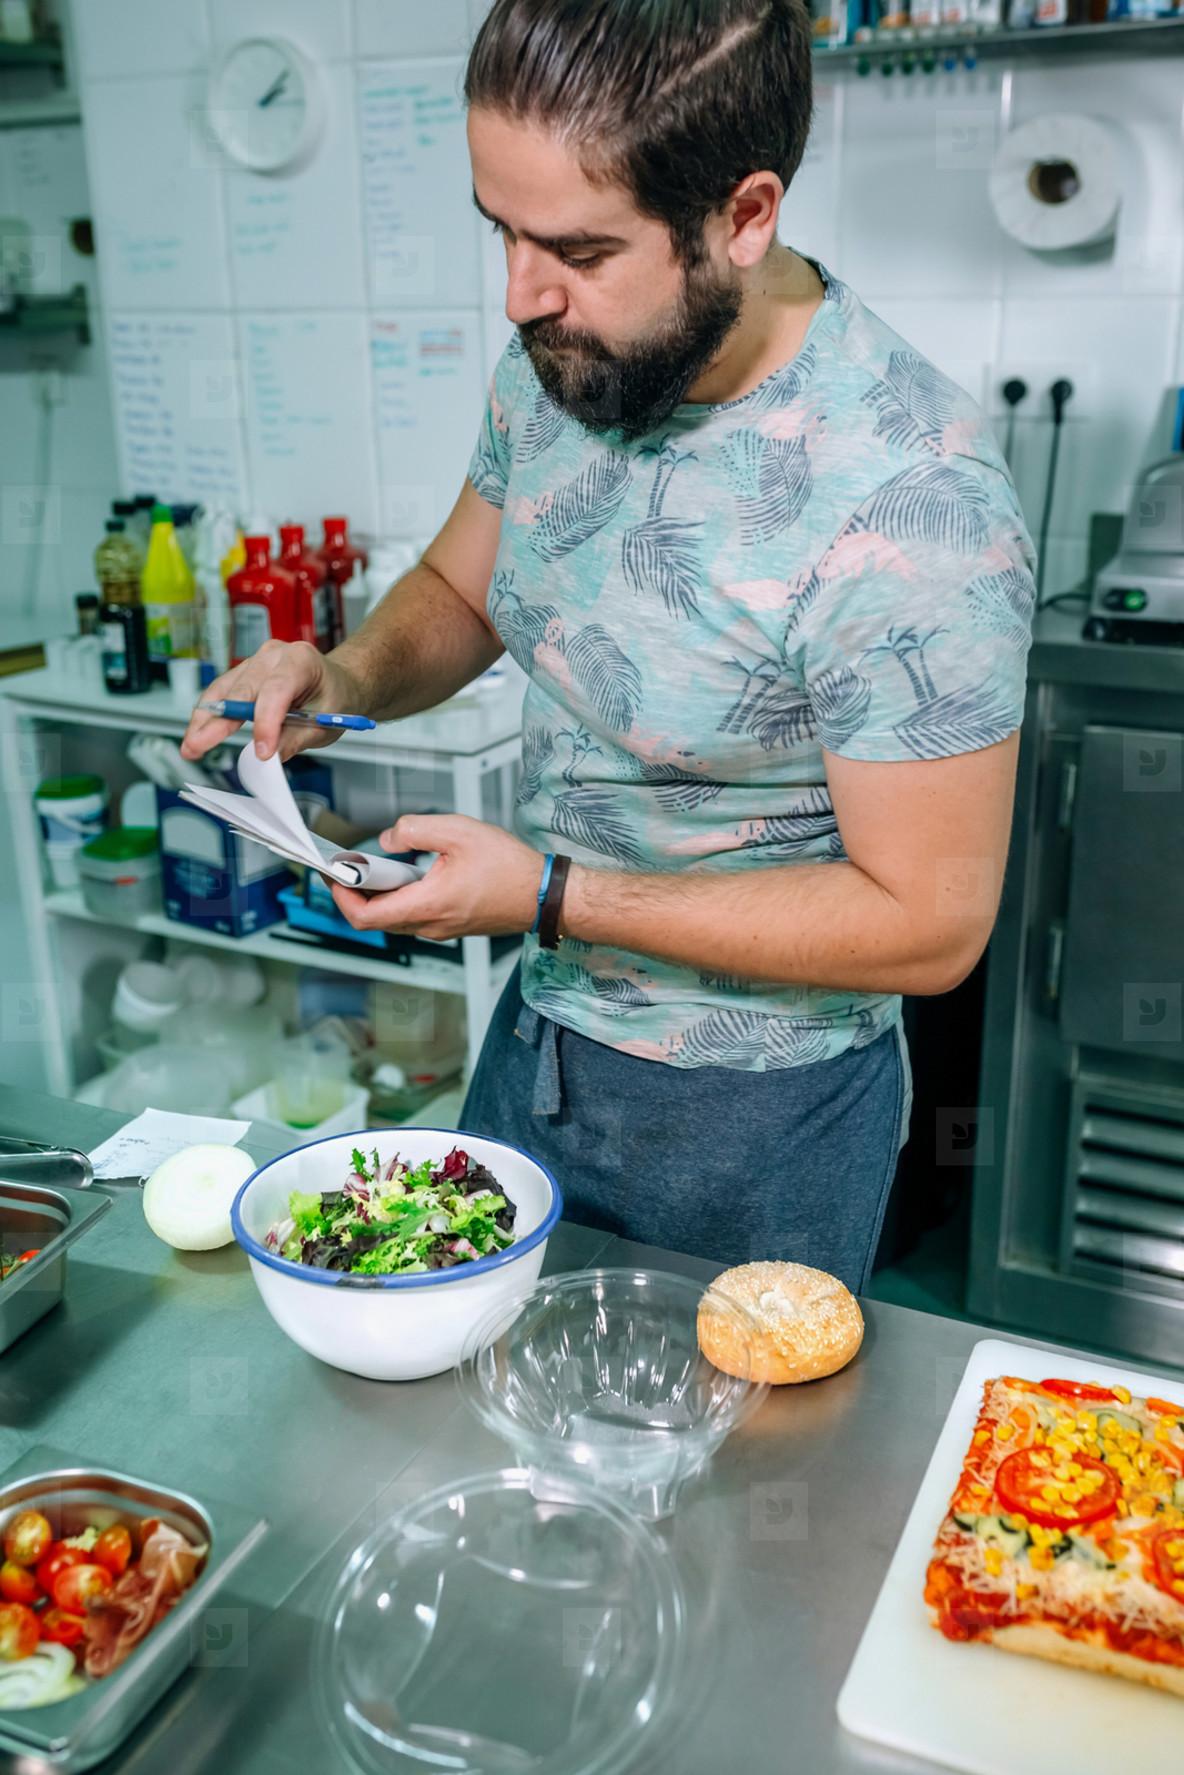 Young cook preparing takeaway orders